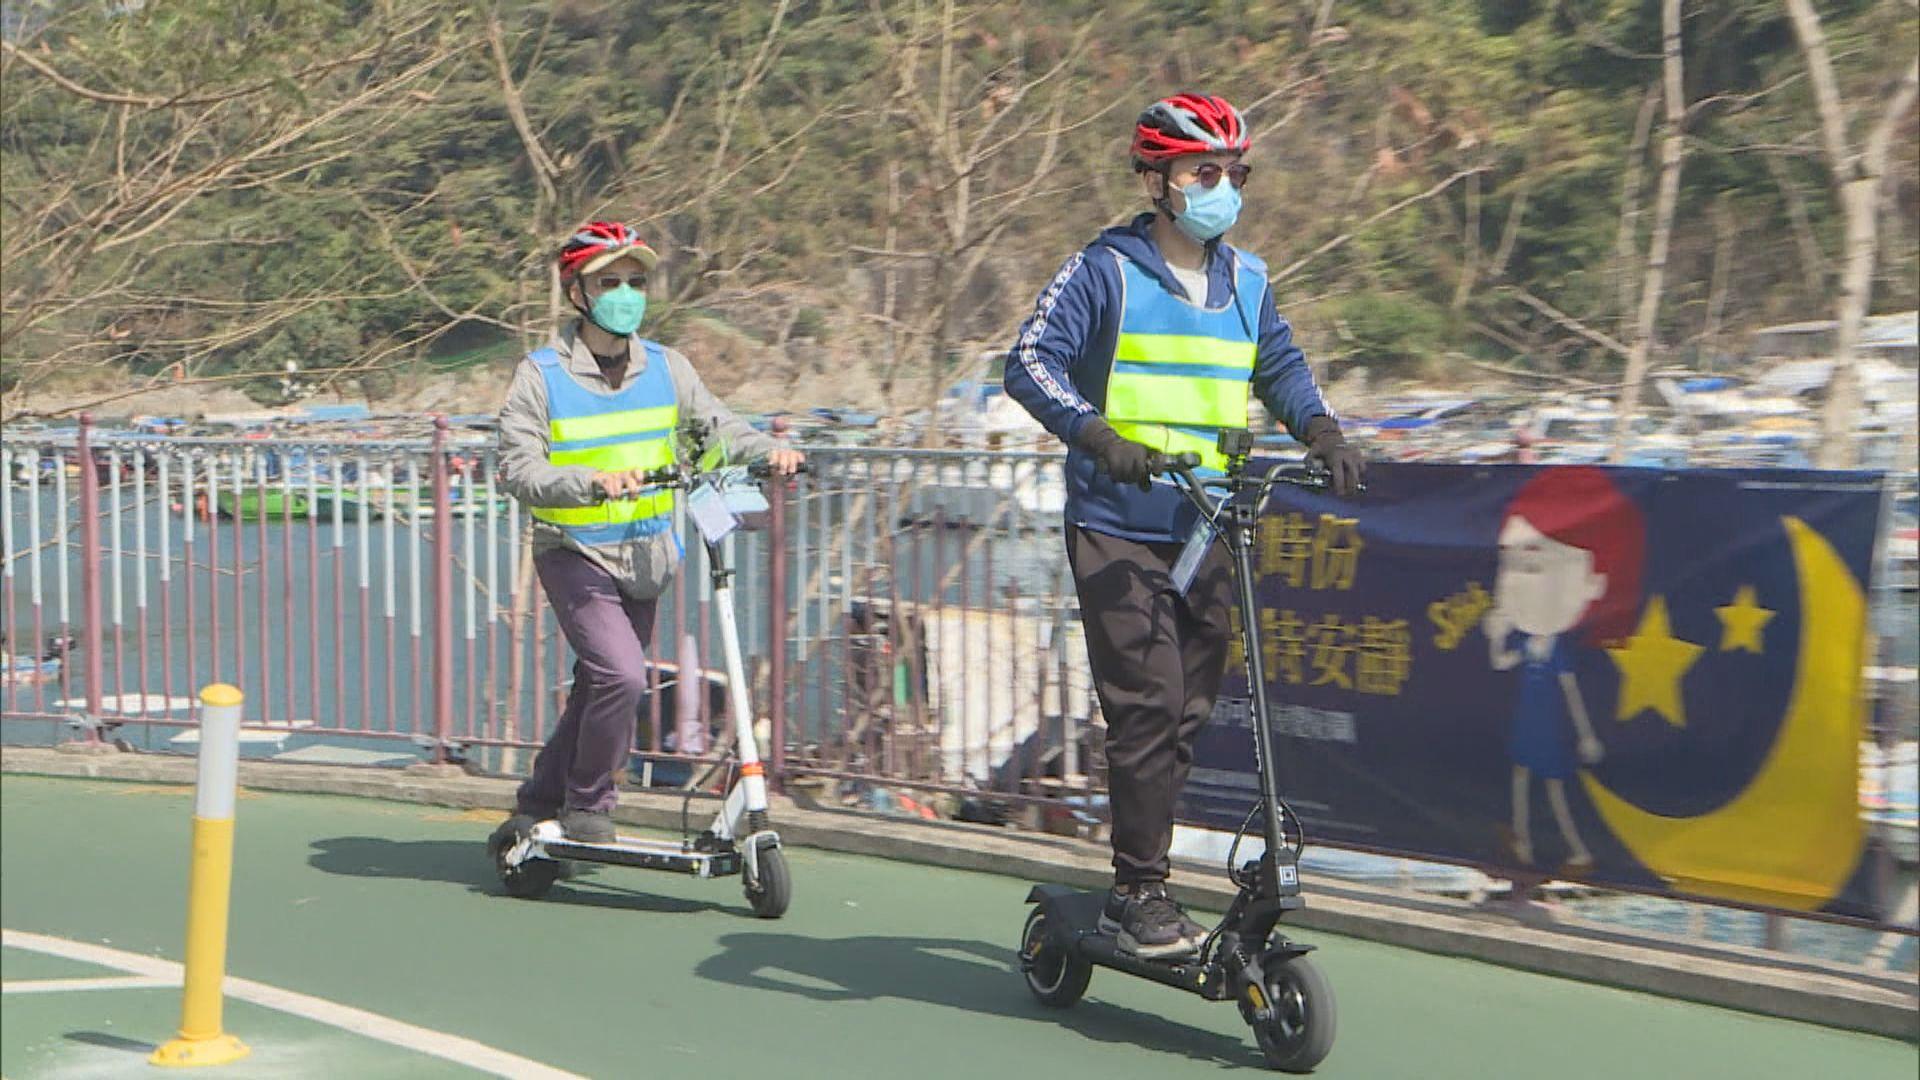 政府推電動滑板車試驗計劃 協會倡盡快研究修例規管